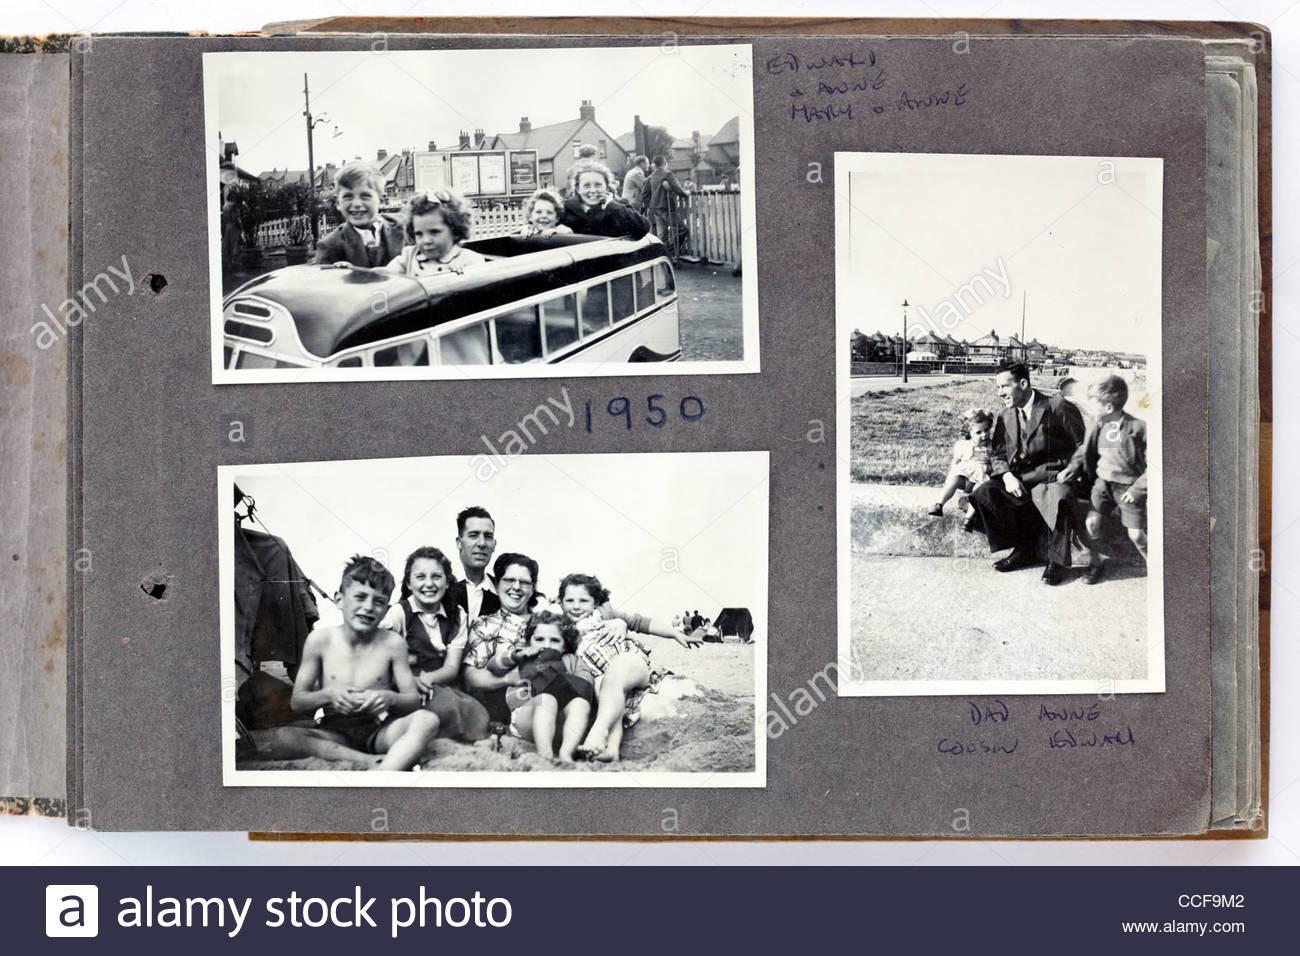 Heureux moments en famille page de l'album photo 1950 Angleterre Photo Stock